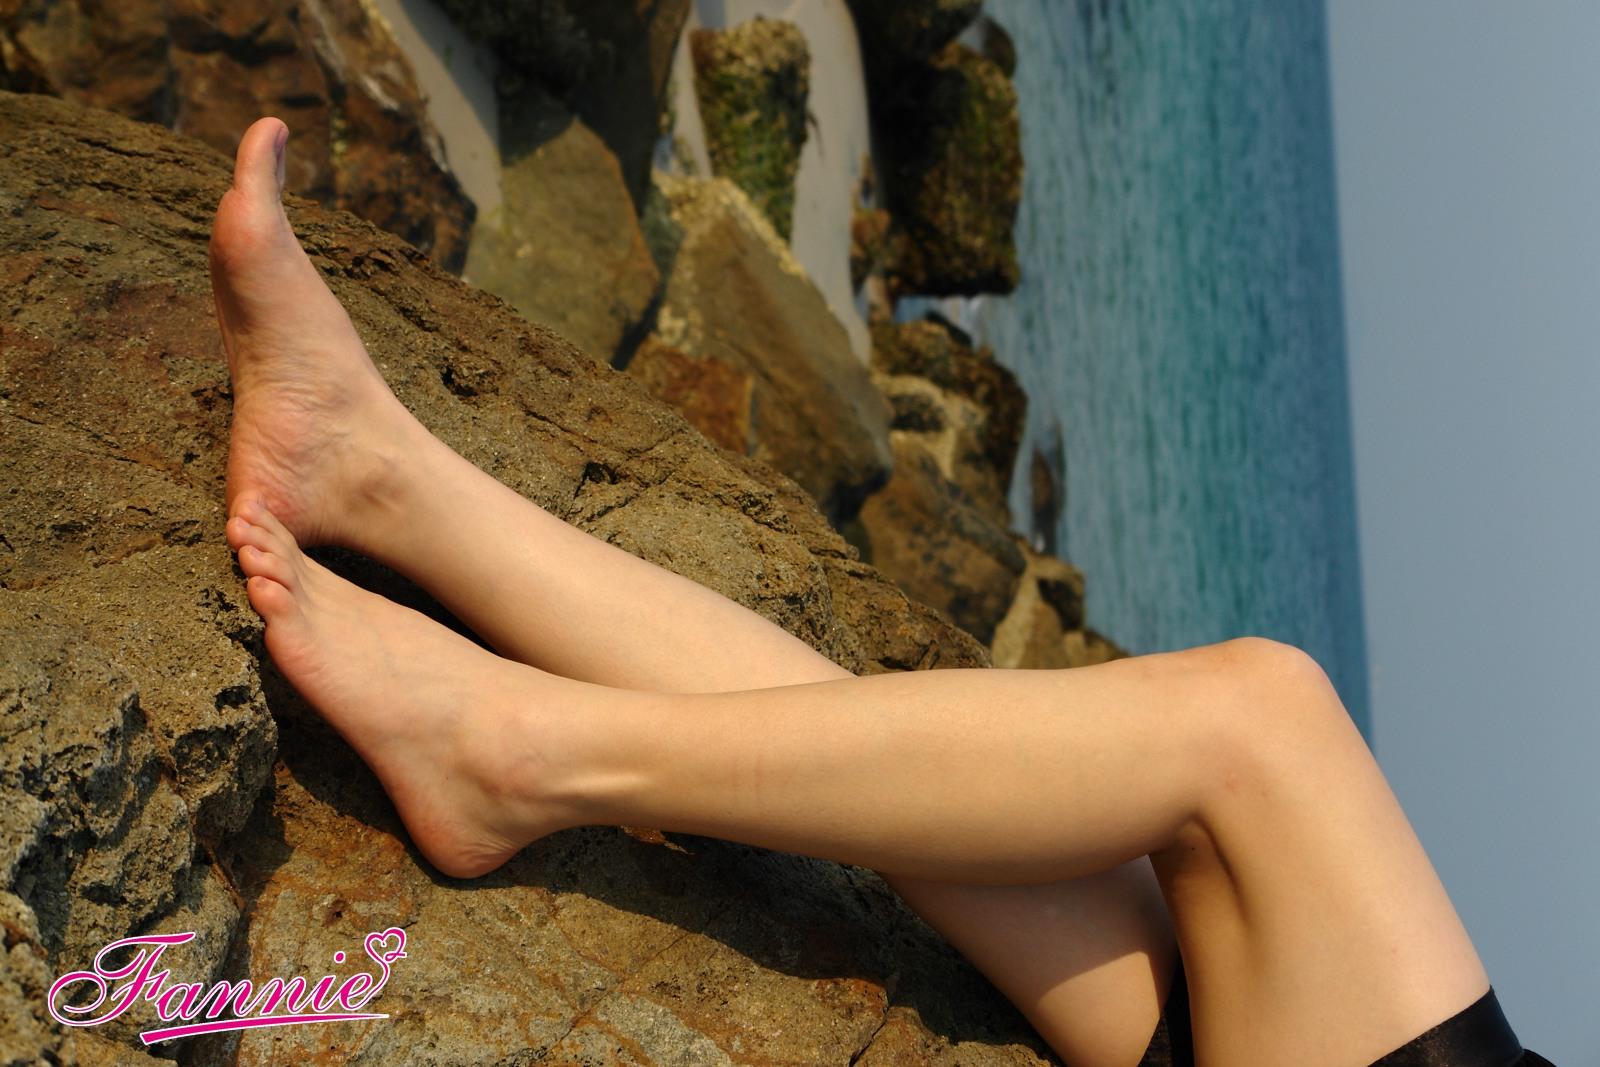 == 云轻晖落拾记忆 == - 喜欢光脚丫的夏天 - 喜欢光脚丫的夏天